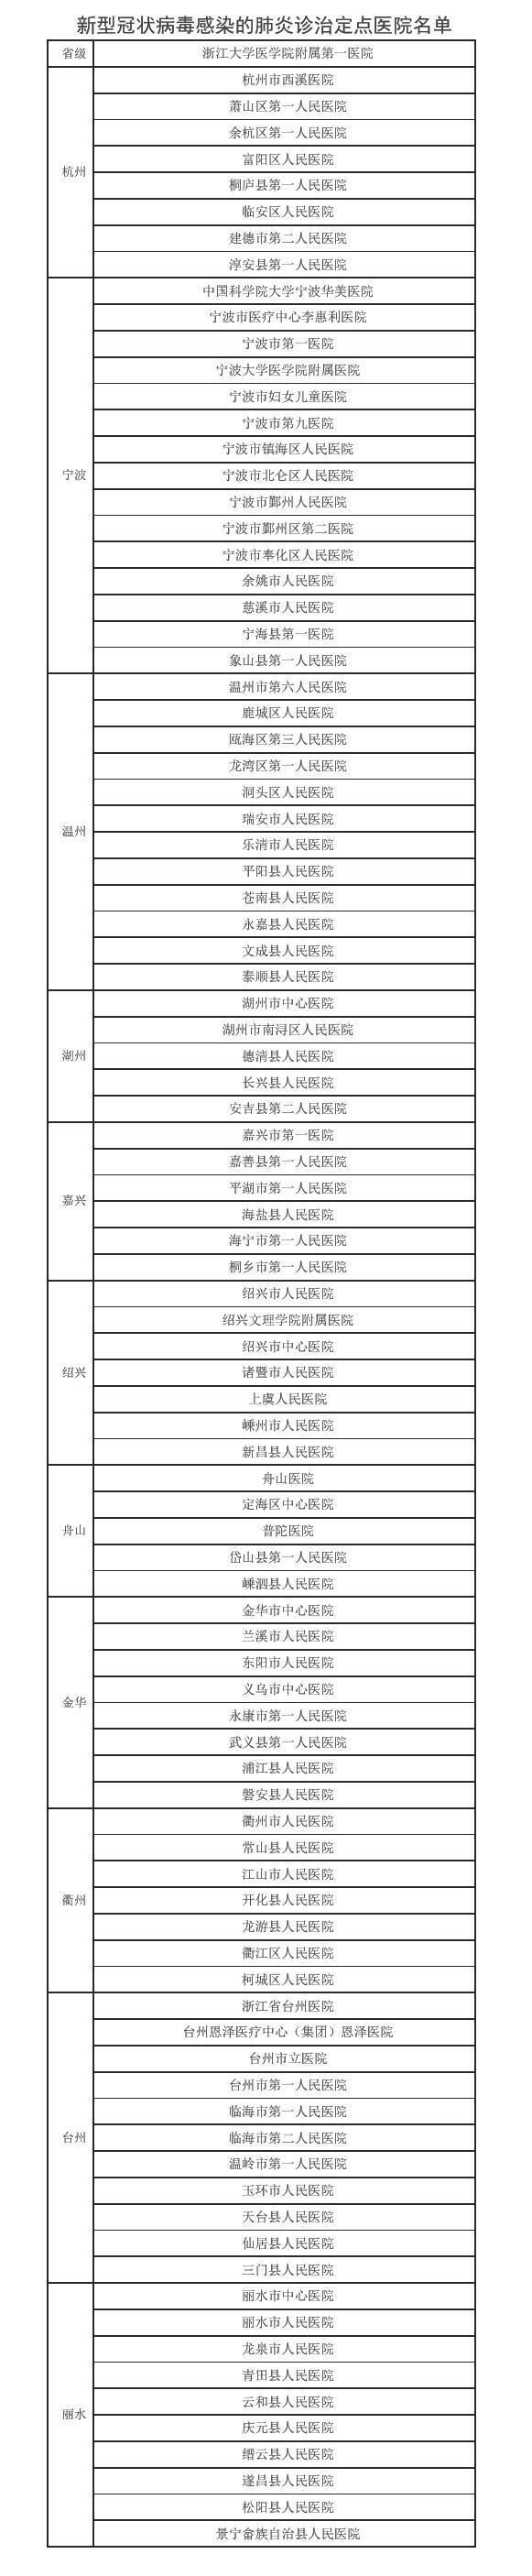 浙江省卫健委公布新型冠状病毒肺炎诊治定点医院名单